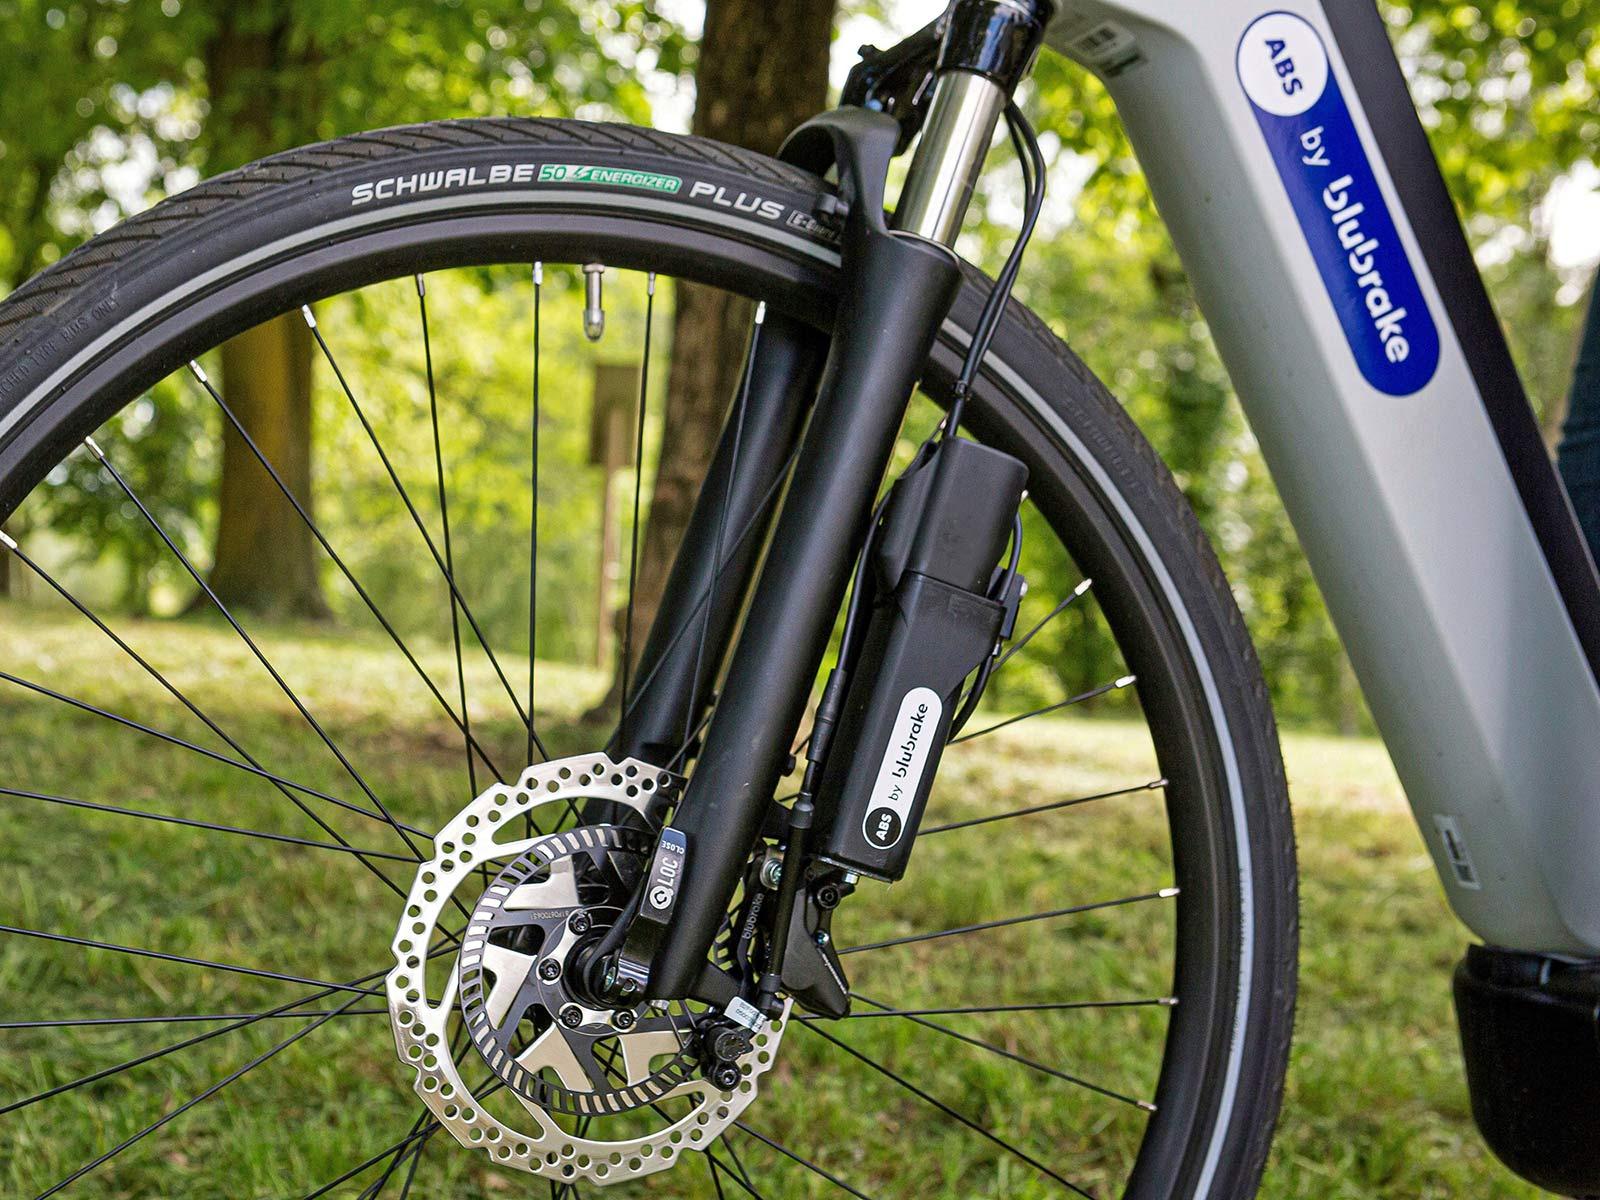 Blubrake ABS G2 bicycle anti-lock braking system, smaller lighter bike antilock brakes,external fork mount